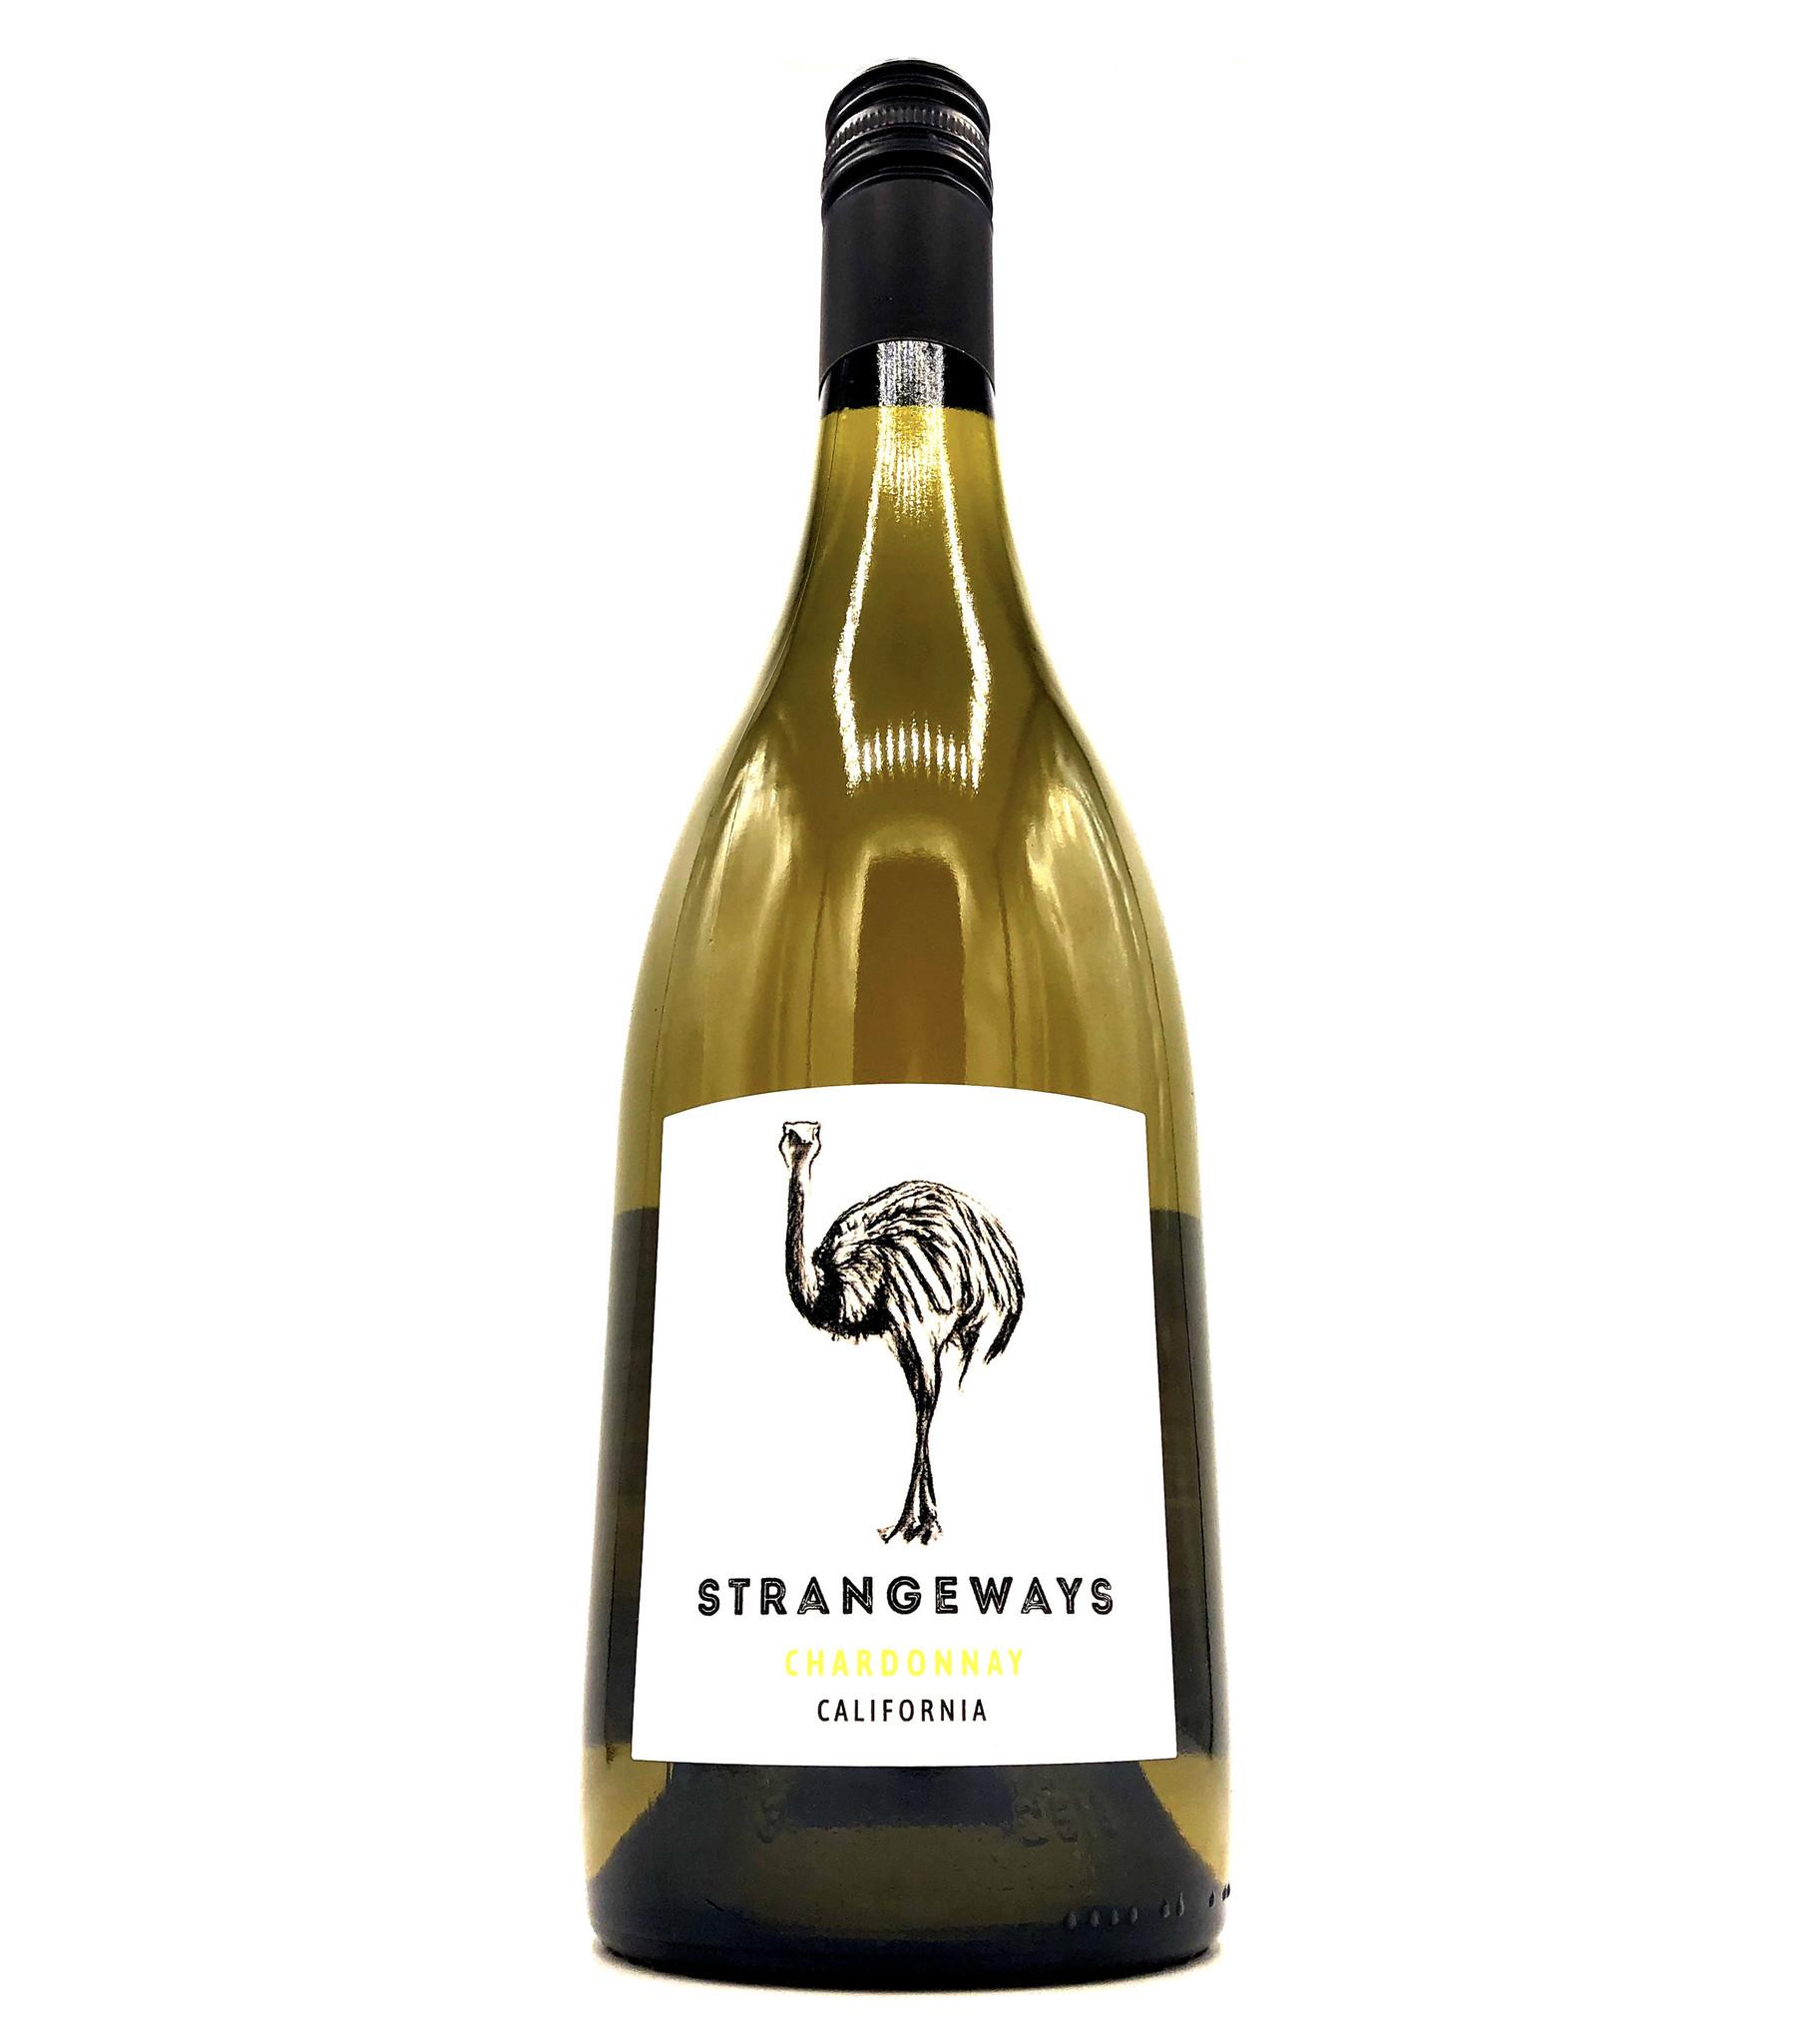 Chardonnay 2018 Strangeways